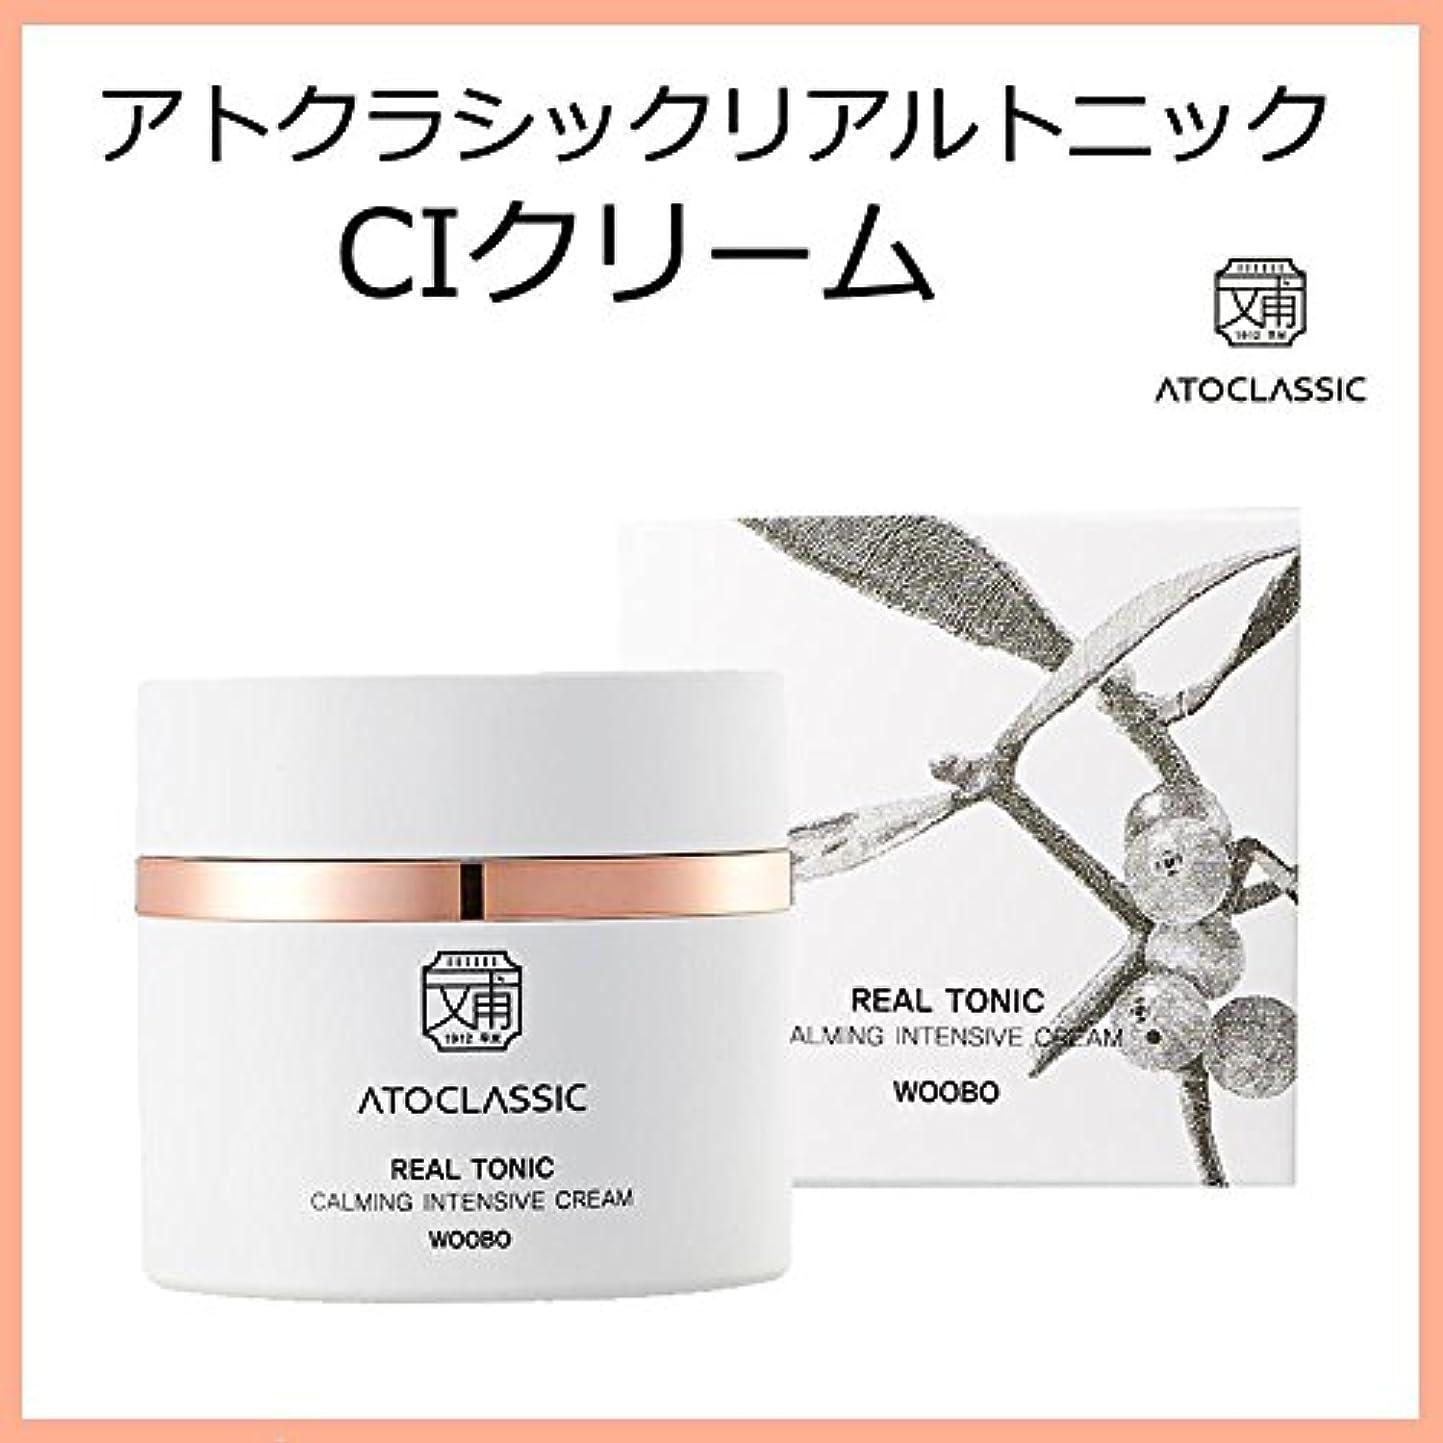 用心発生雇用者韓国コスメ ATOCLASSIC アトクラシックリアルトニック CIクリーム(Calming Intensive Cream) 50ml